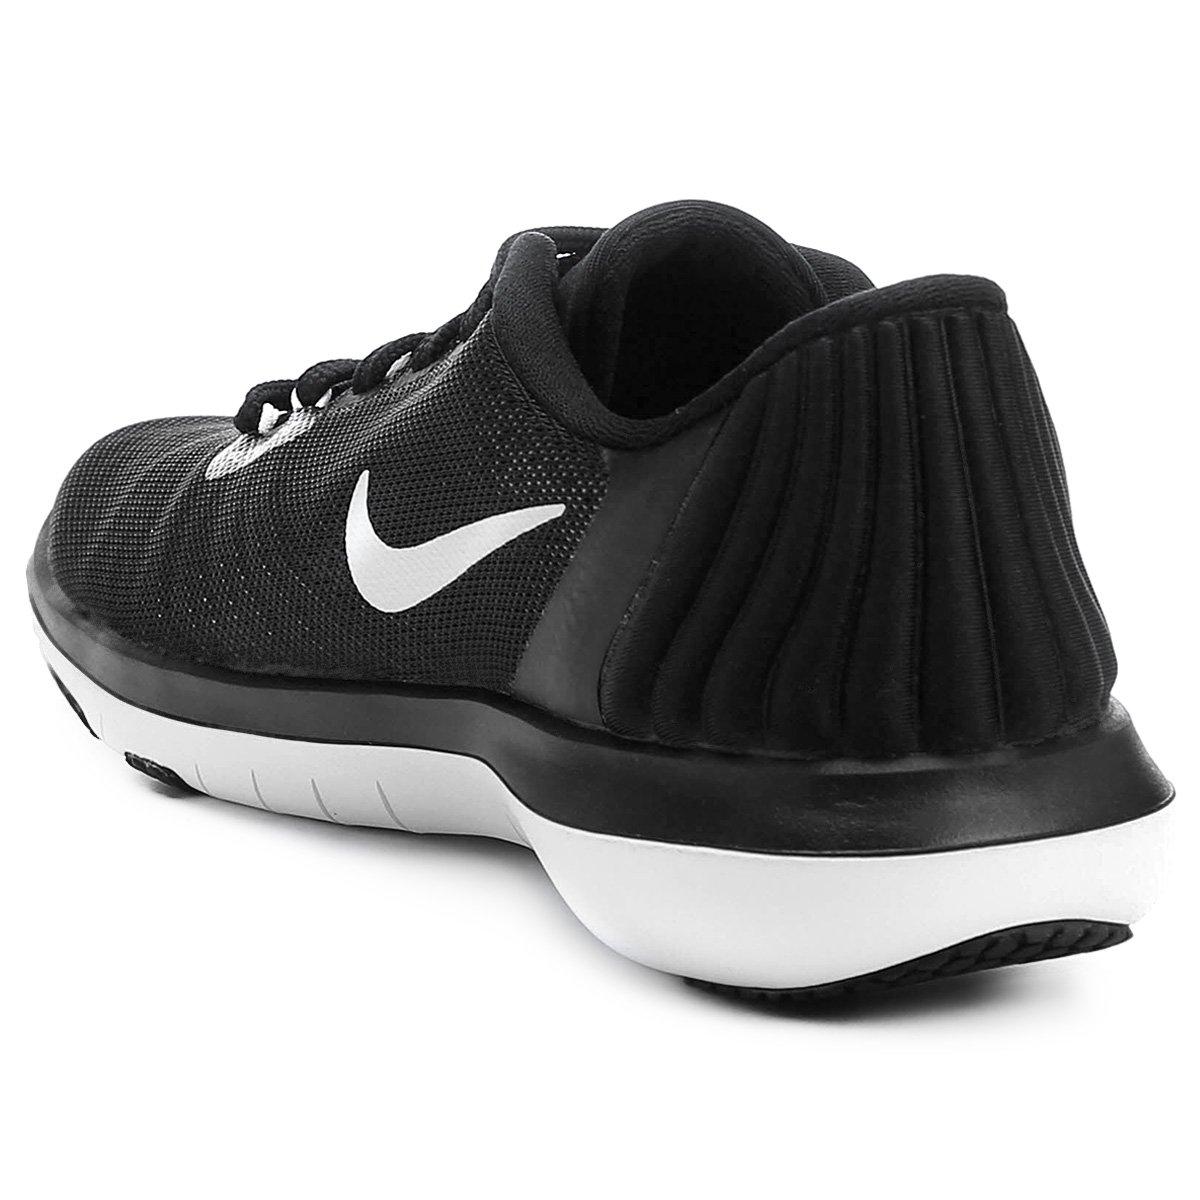 Tênis Nike Flex Supreme TR 5 Feminino - Preto e Branco - Compre ... ce9672cbbc42c